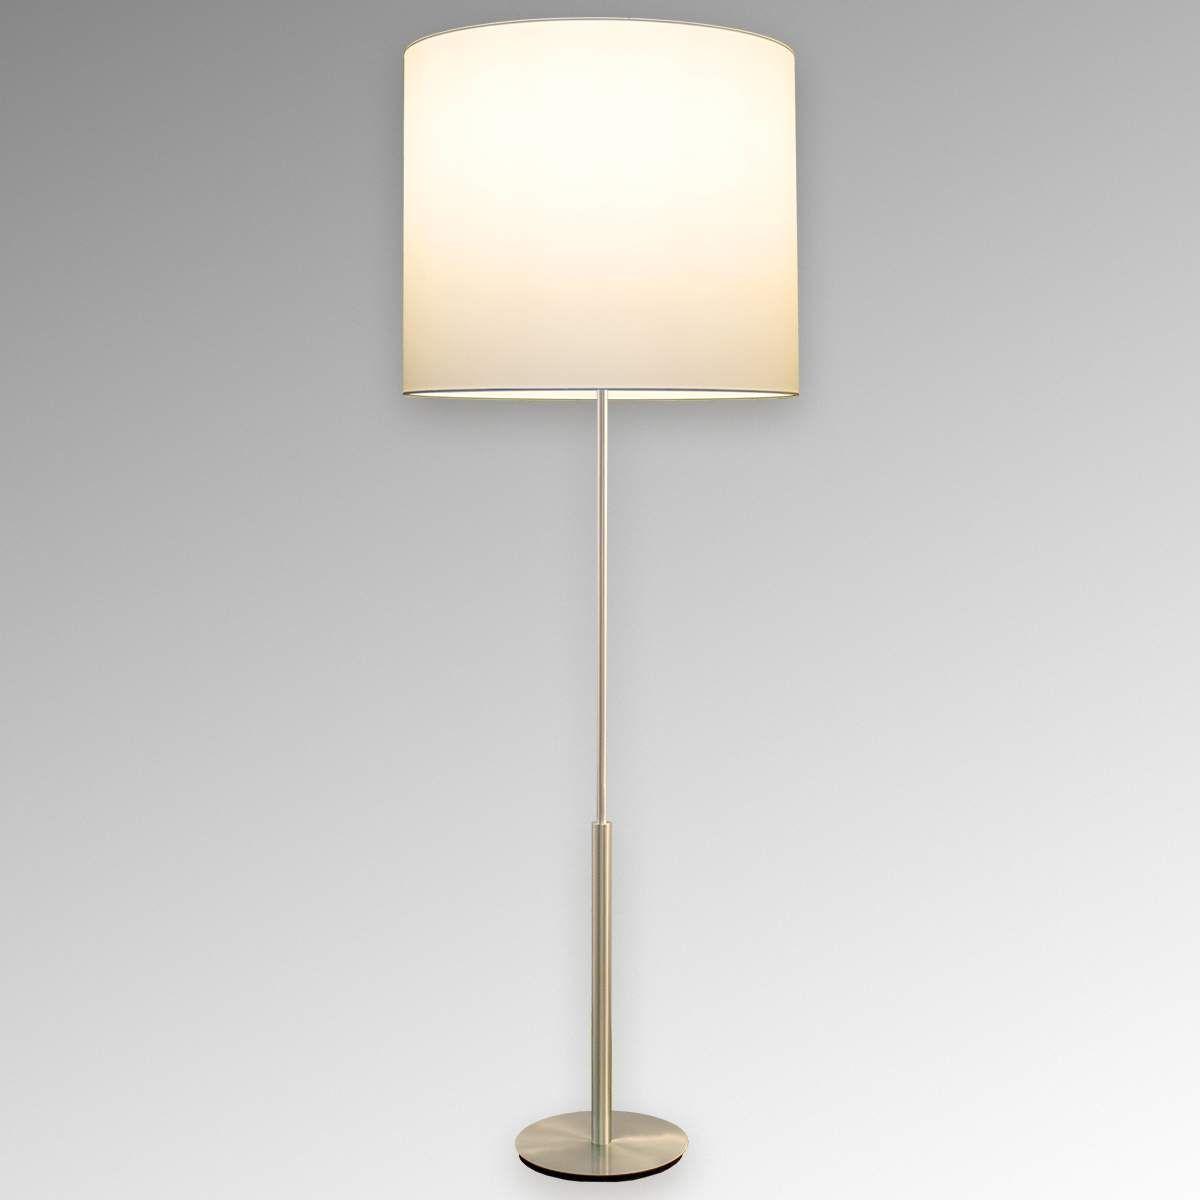 Rattan Stehleuchte Stehlampe Modern Led Stehlampe Brauner